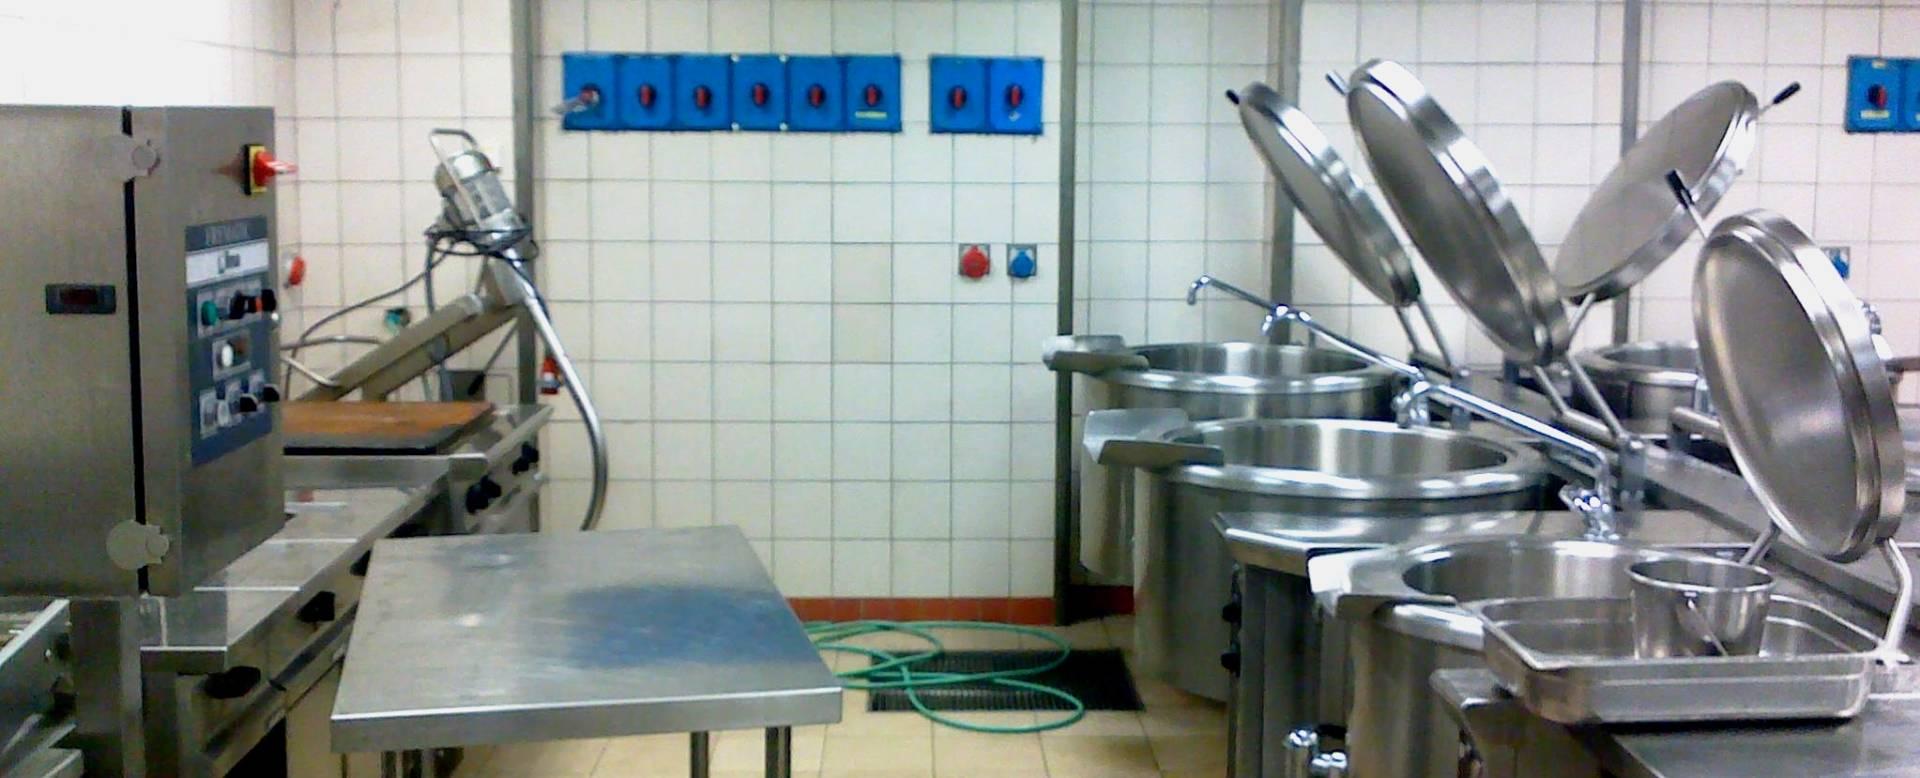 מאוד תכנון מטבחים תעשייתיים (מטבח קייטרינג) - החברה לרישוי עסקים FR-45